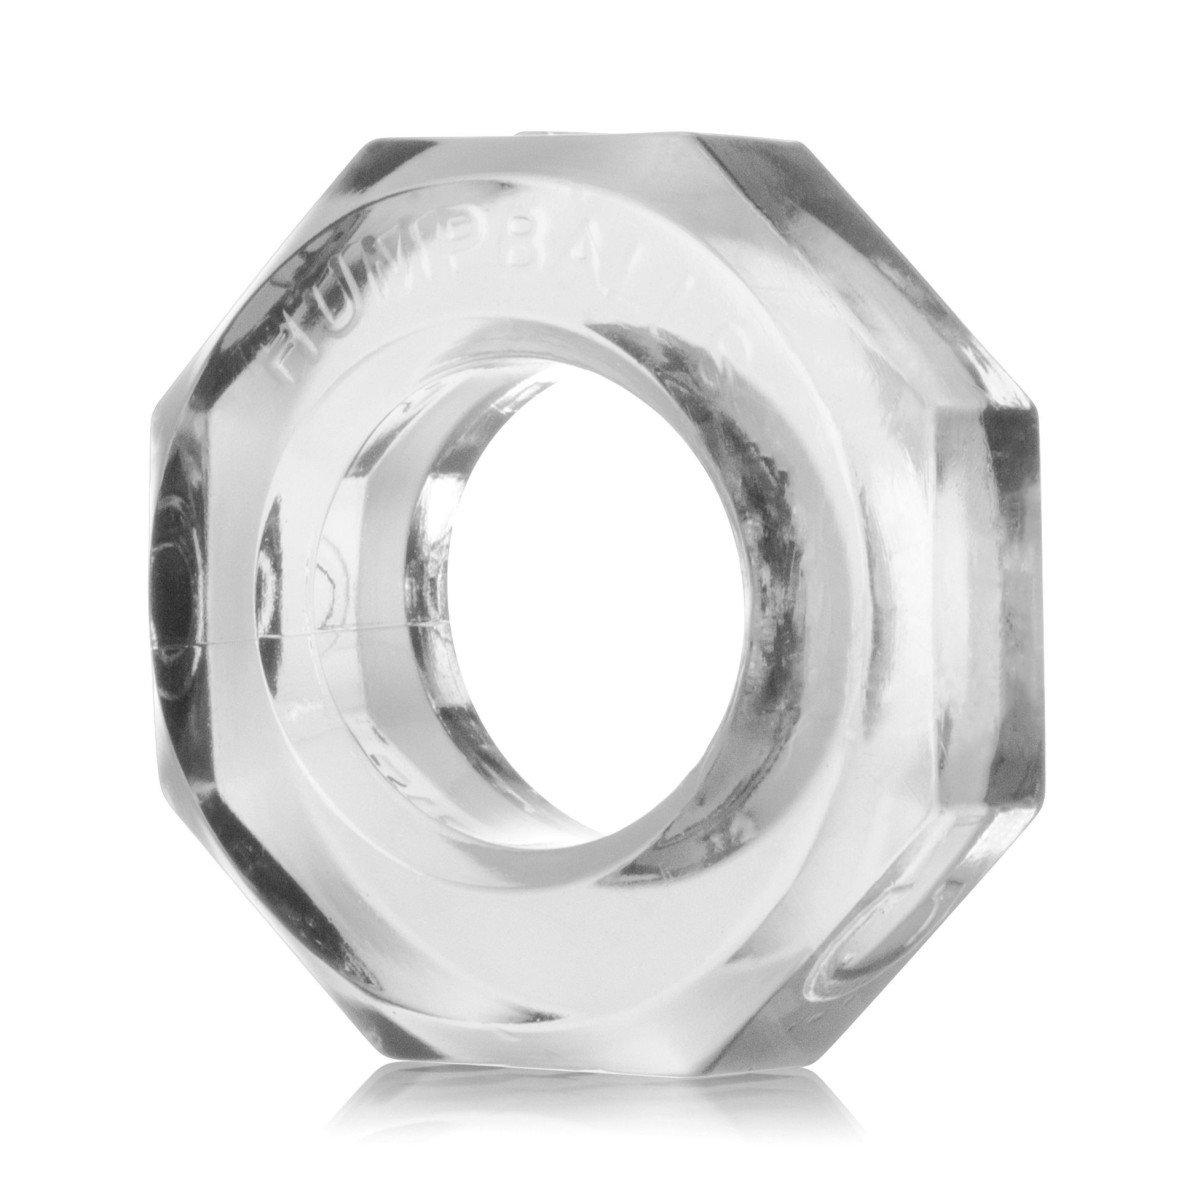 Erekčný krúžok Oxballs Humpballs priehľadný